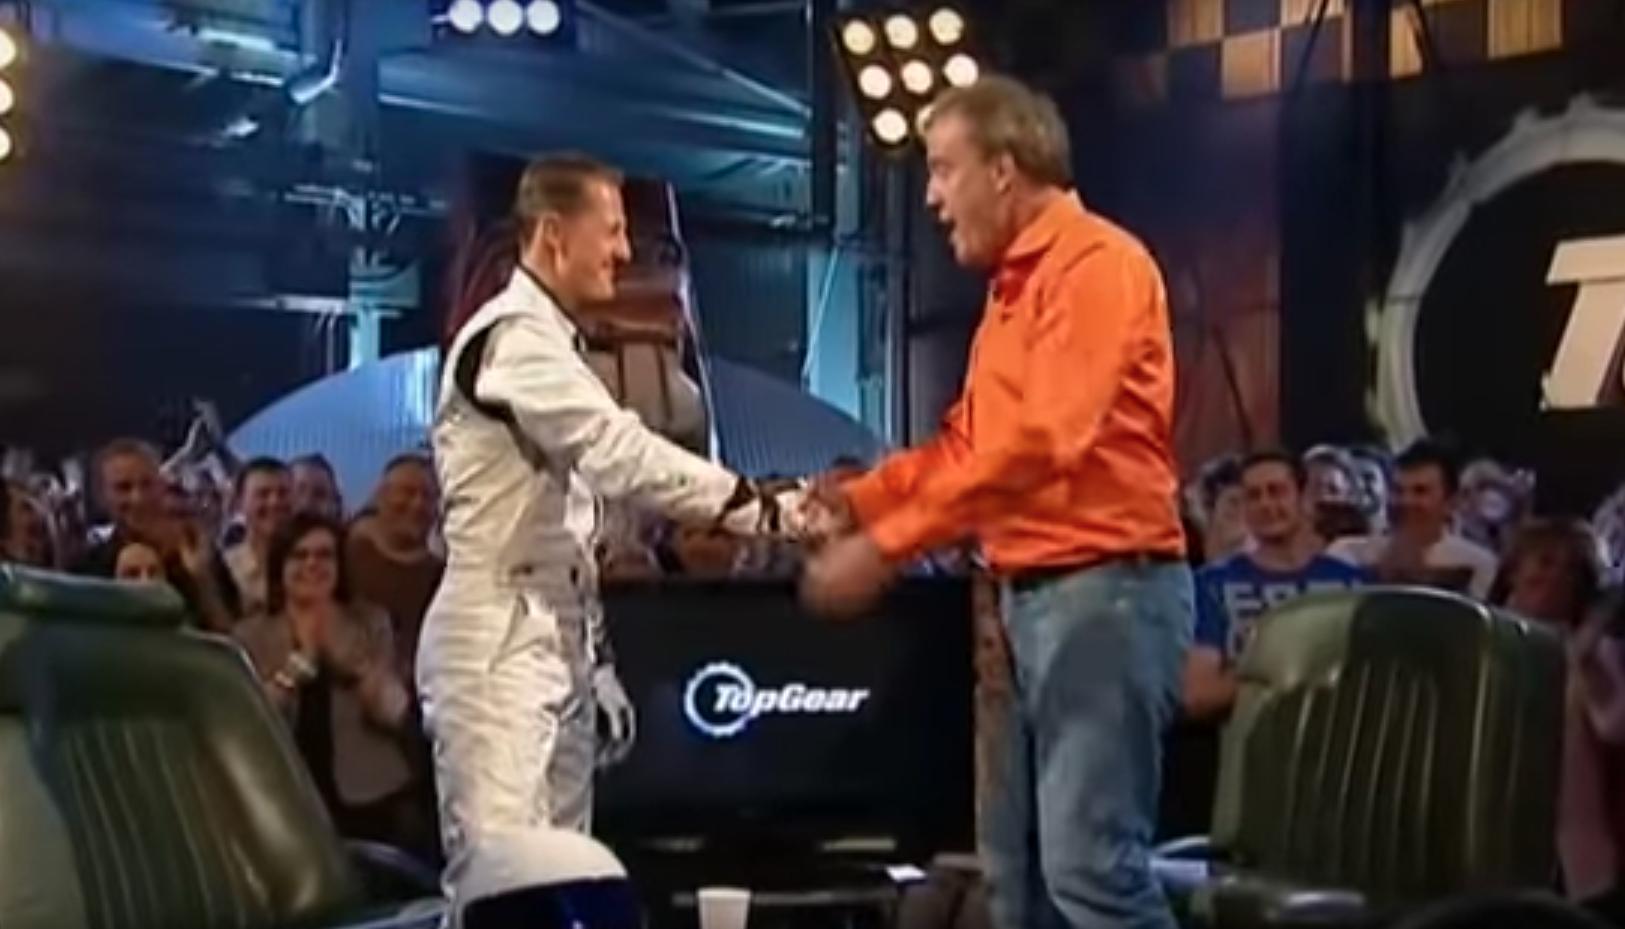 Favorite Top Gear Episodes: Season 13, Episode 1, Stig + FXX